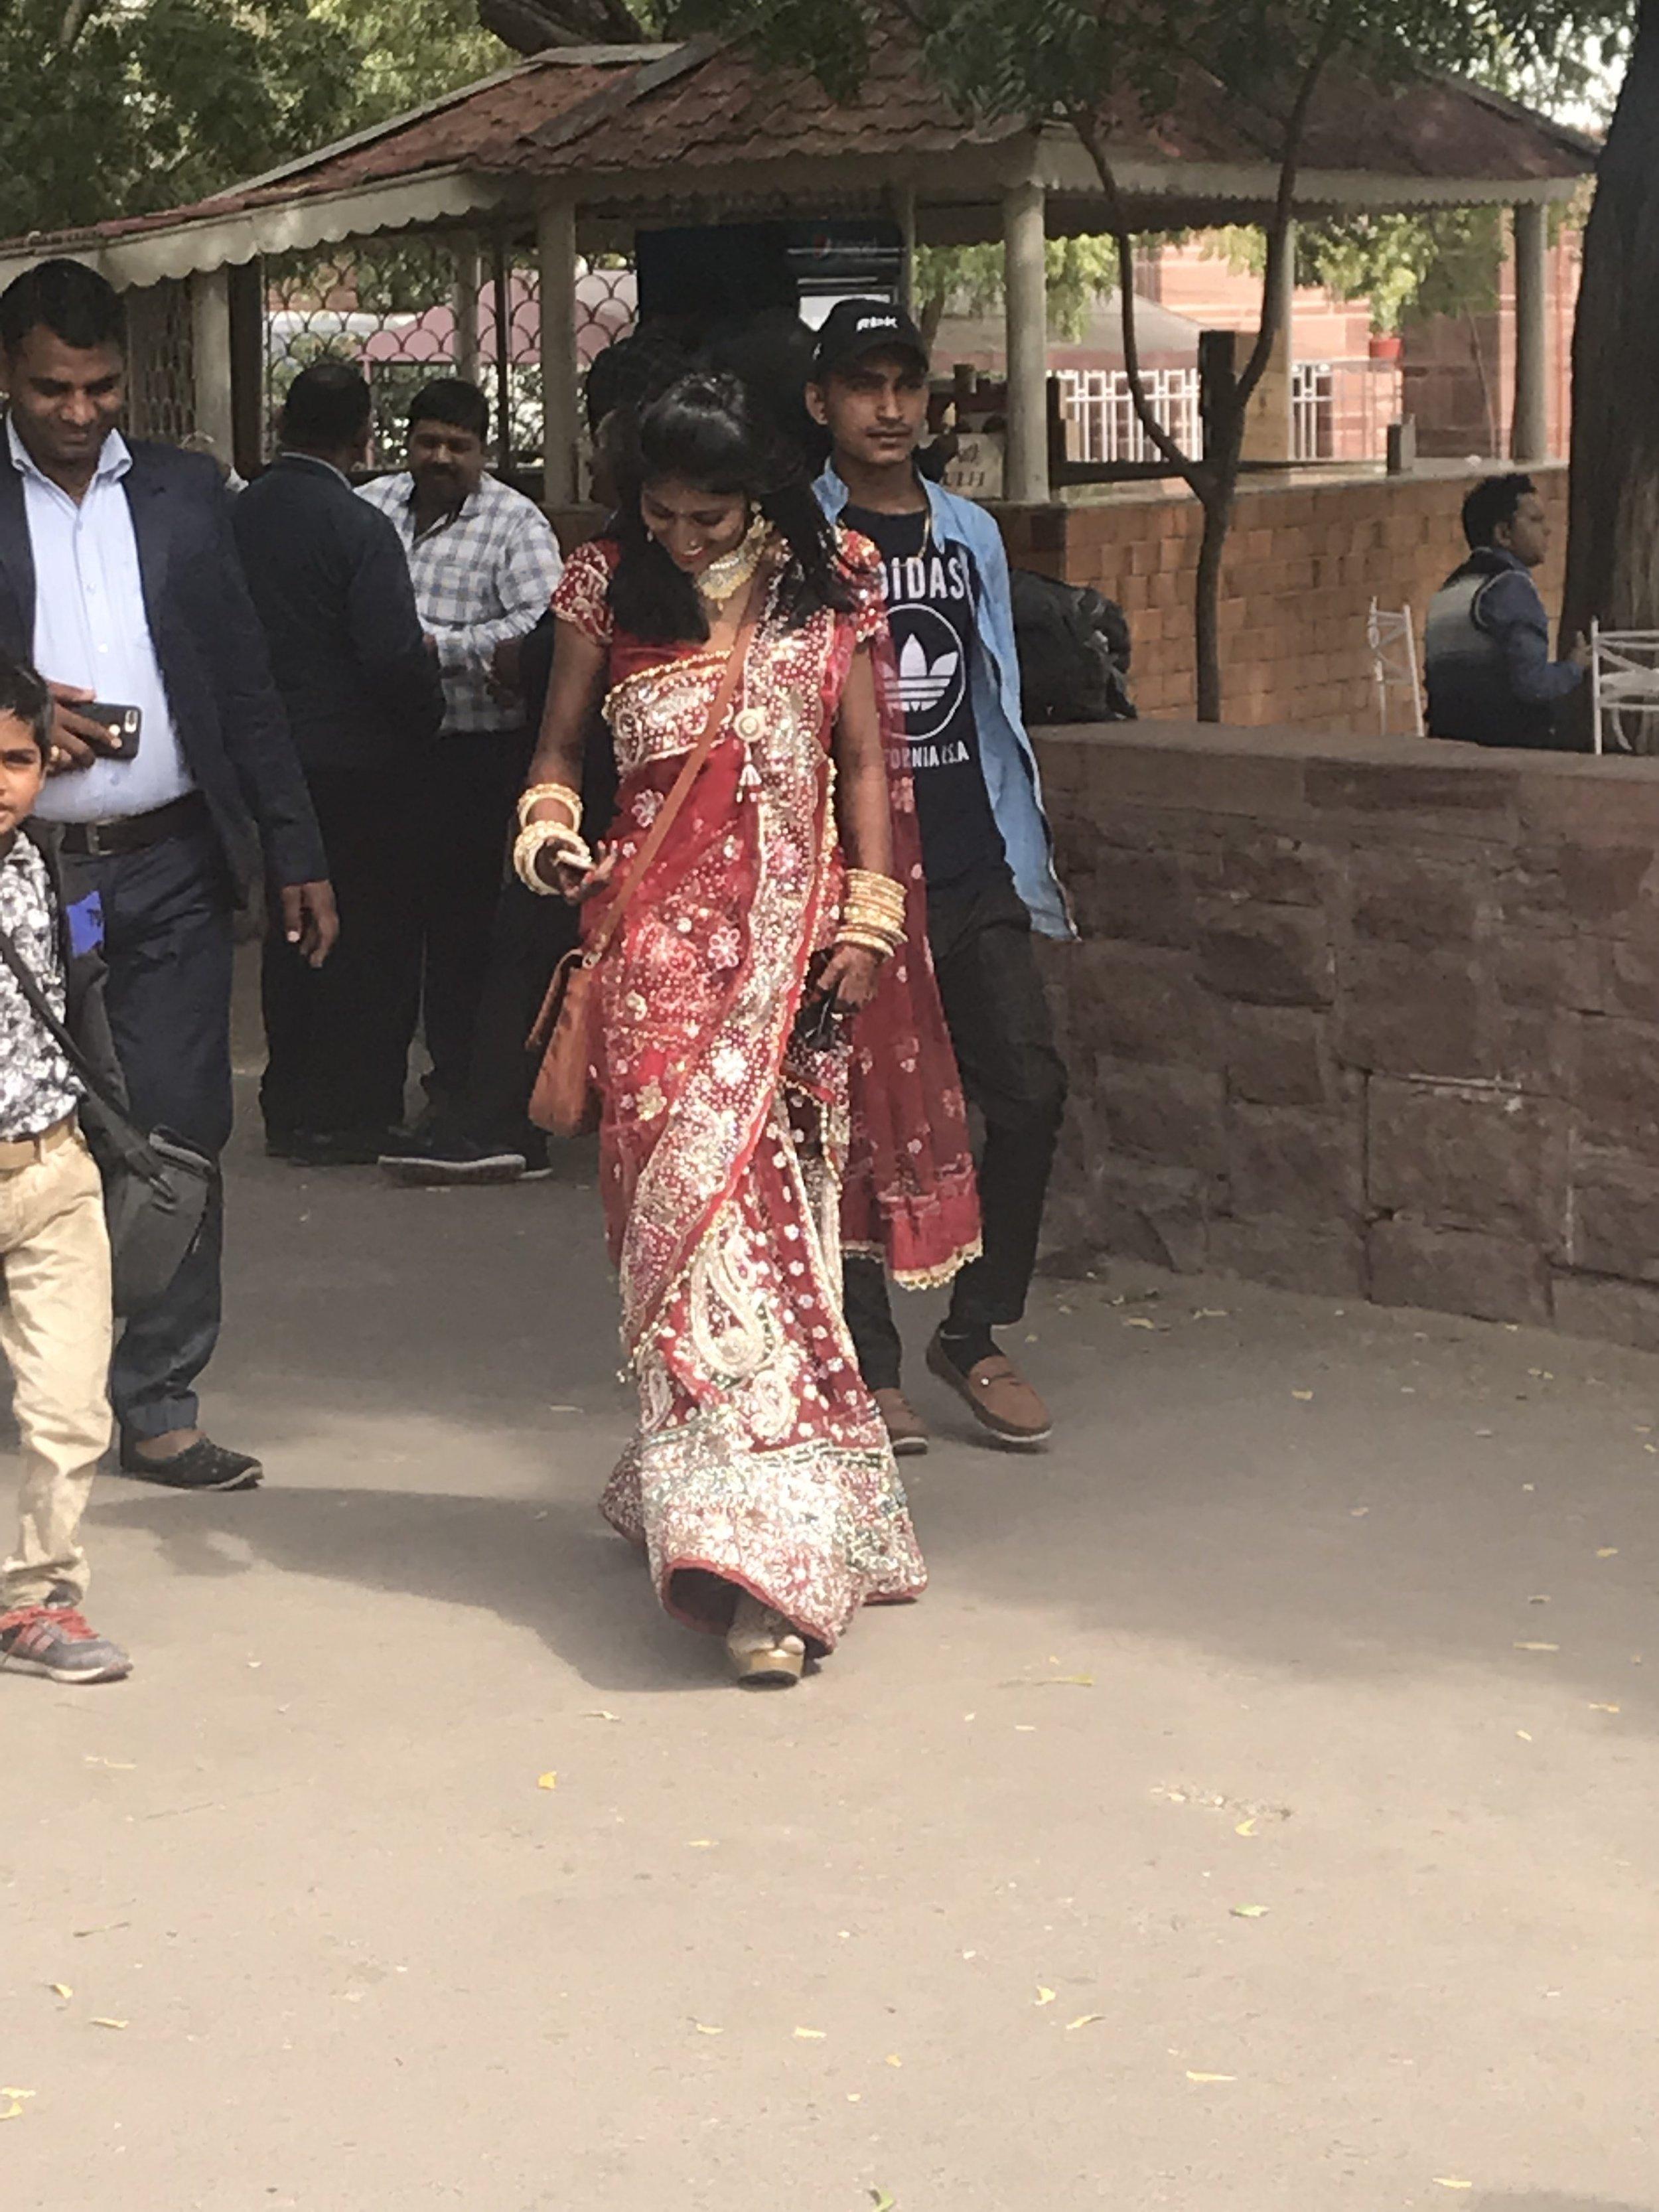 Raj woman in Sari.jpg